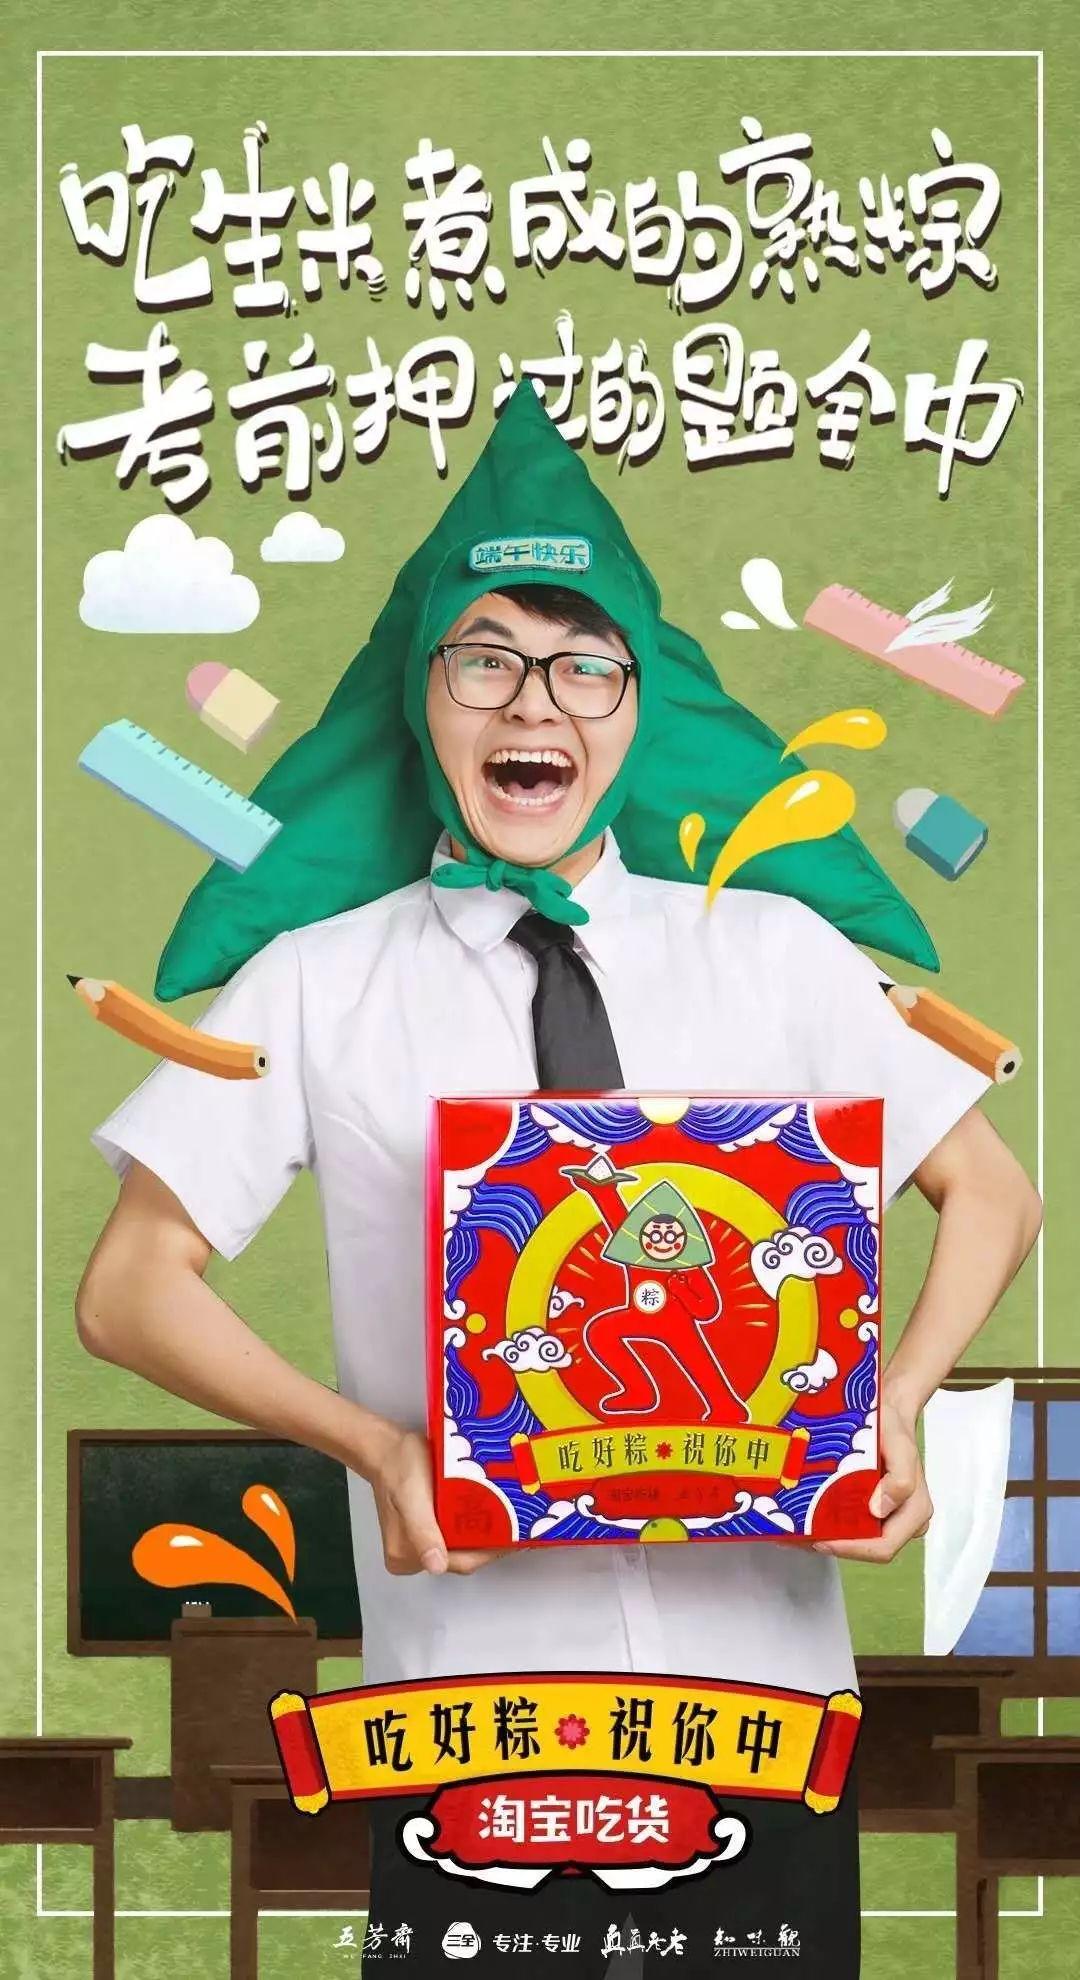 安徽省考考試成績查詢時間,網易H5《飼養手冊》被封殺,旺旺推聯名奶茶,